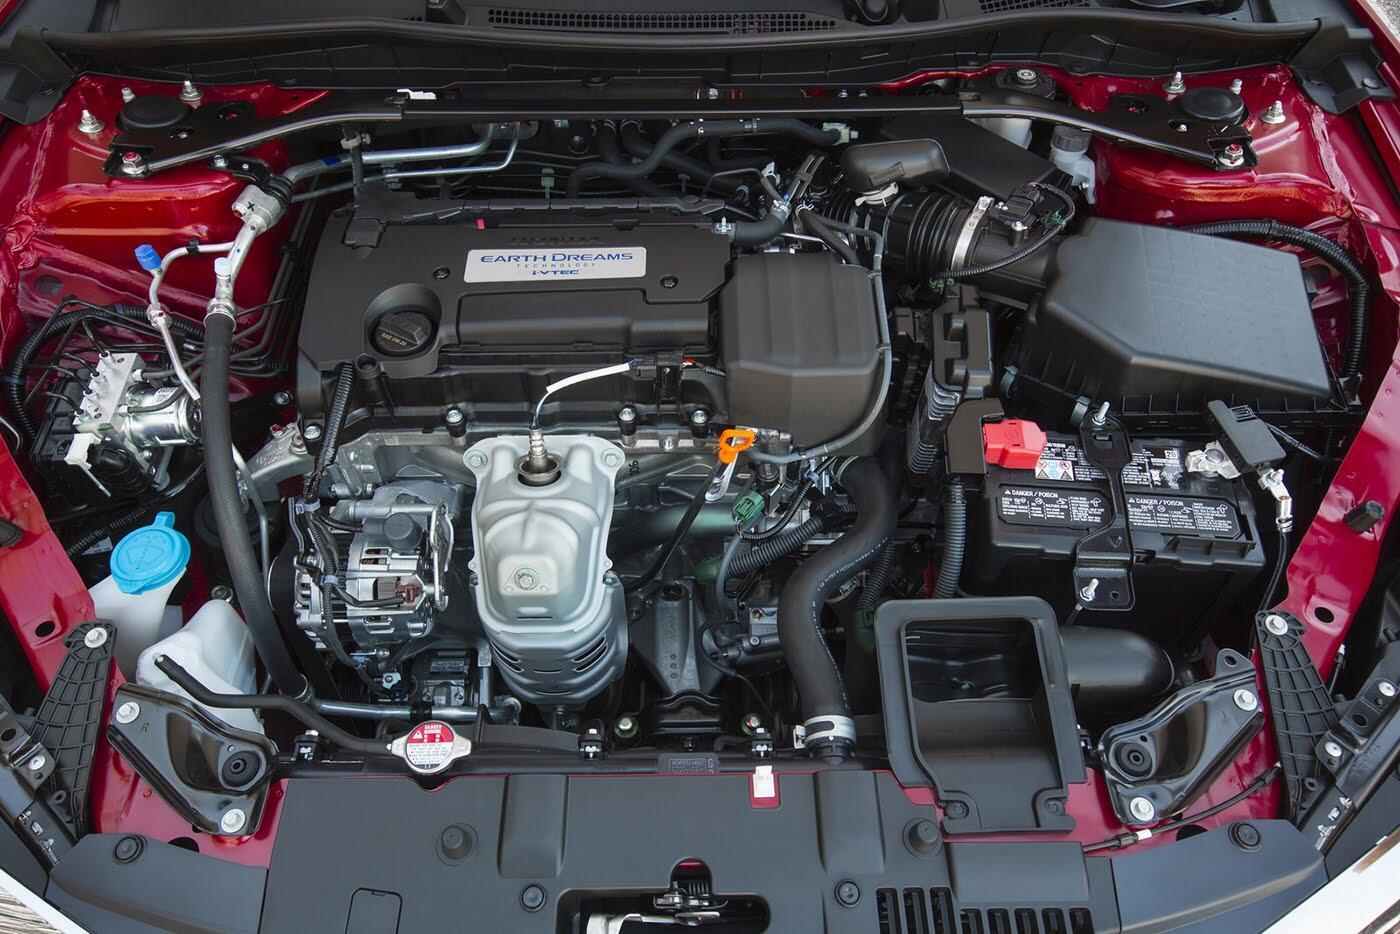 Hơn 1 triệu xe Honda Accord bị triệu hồi vì nguy cơ cháy tại Mỹ - Hình 4